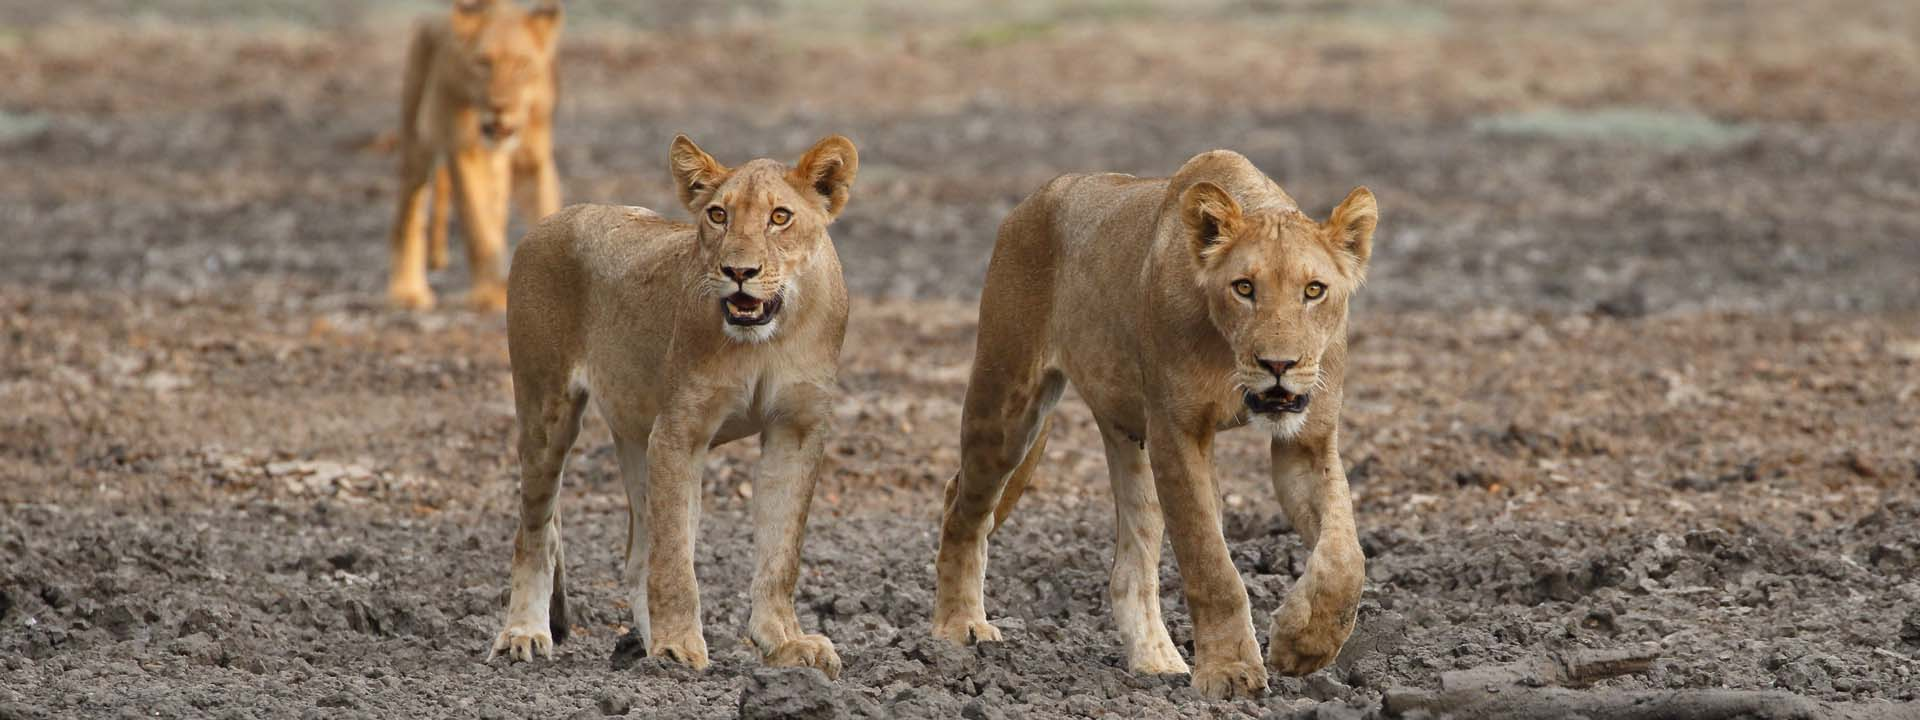 Löwen Mana Pools